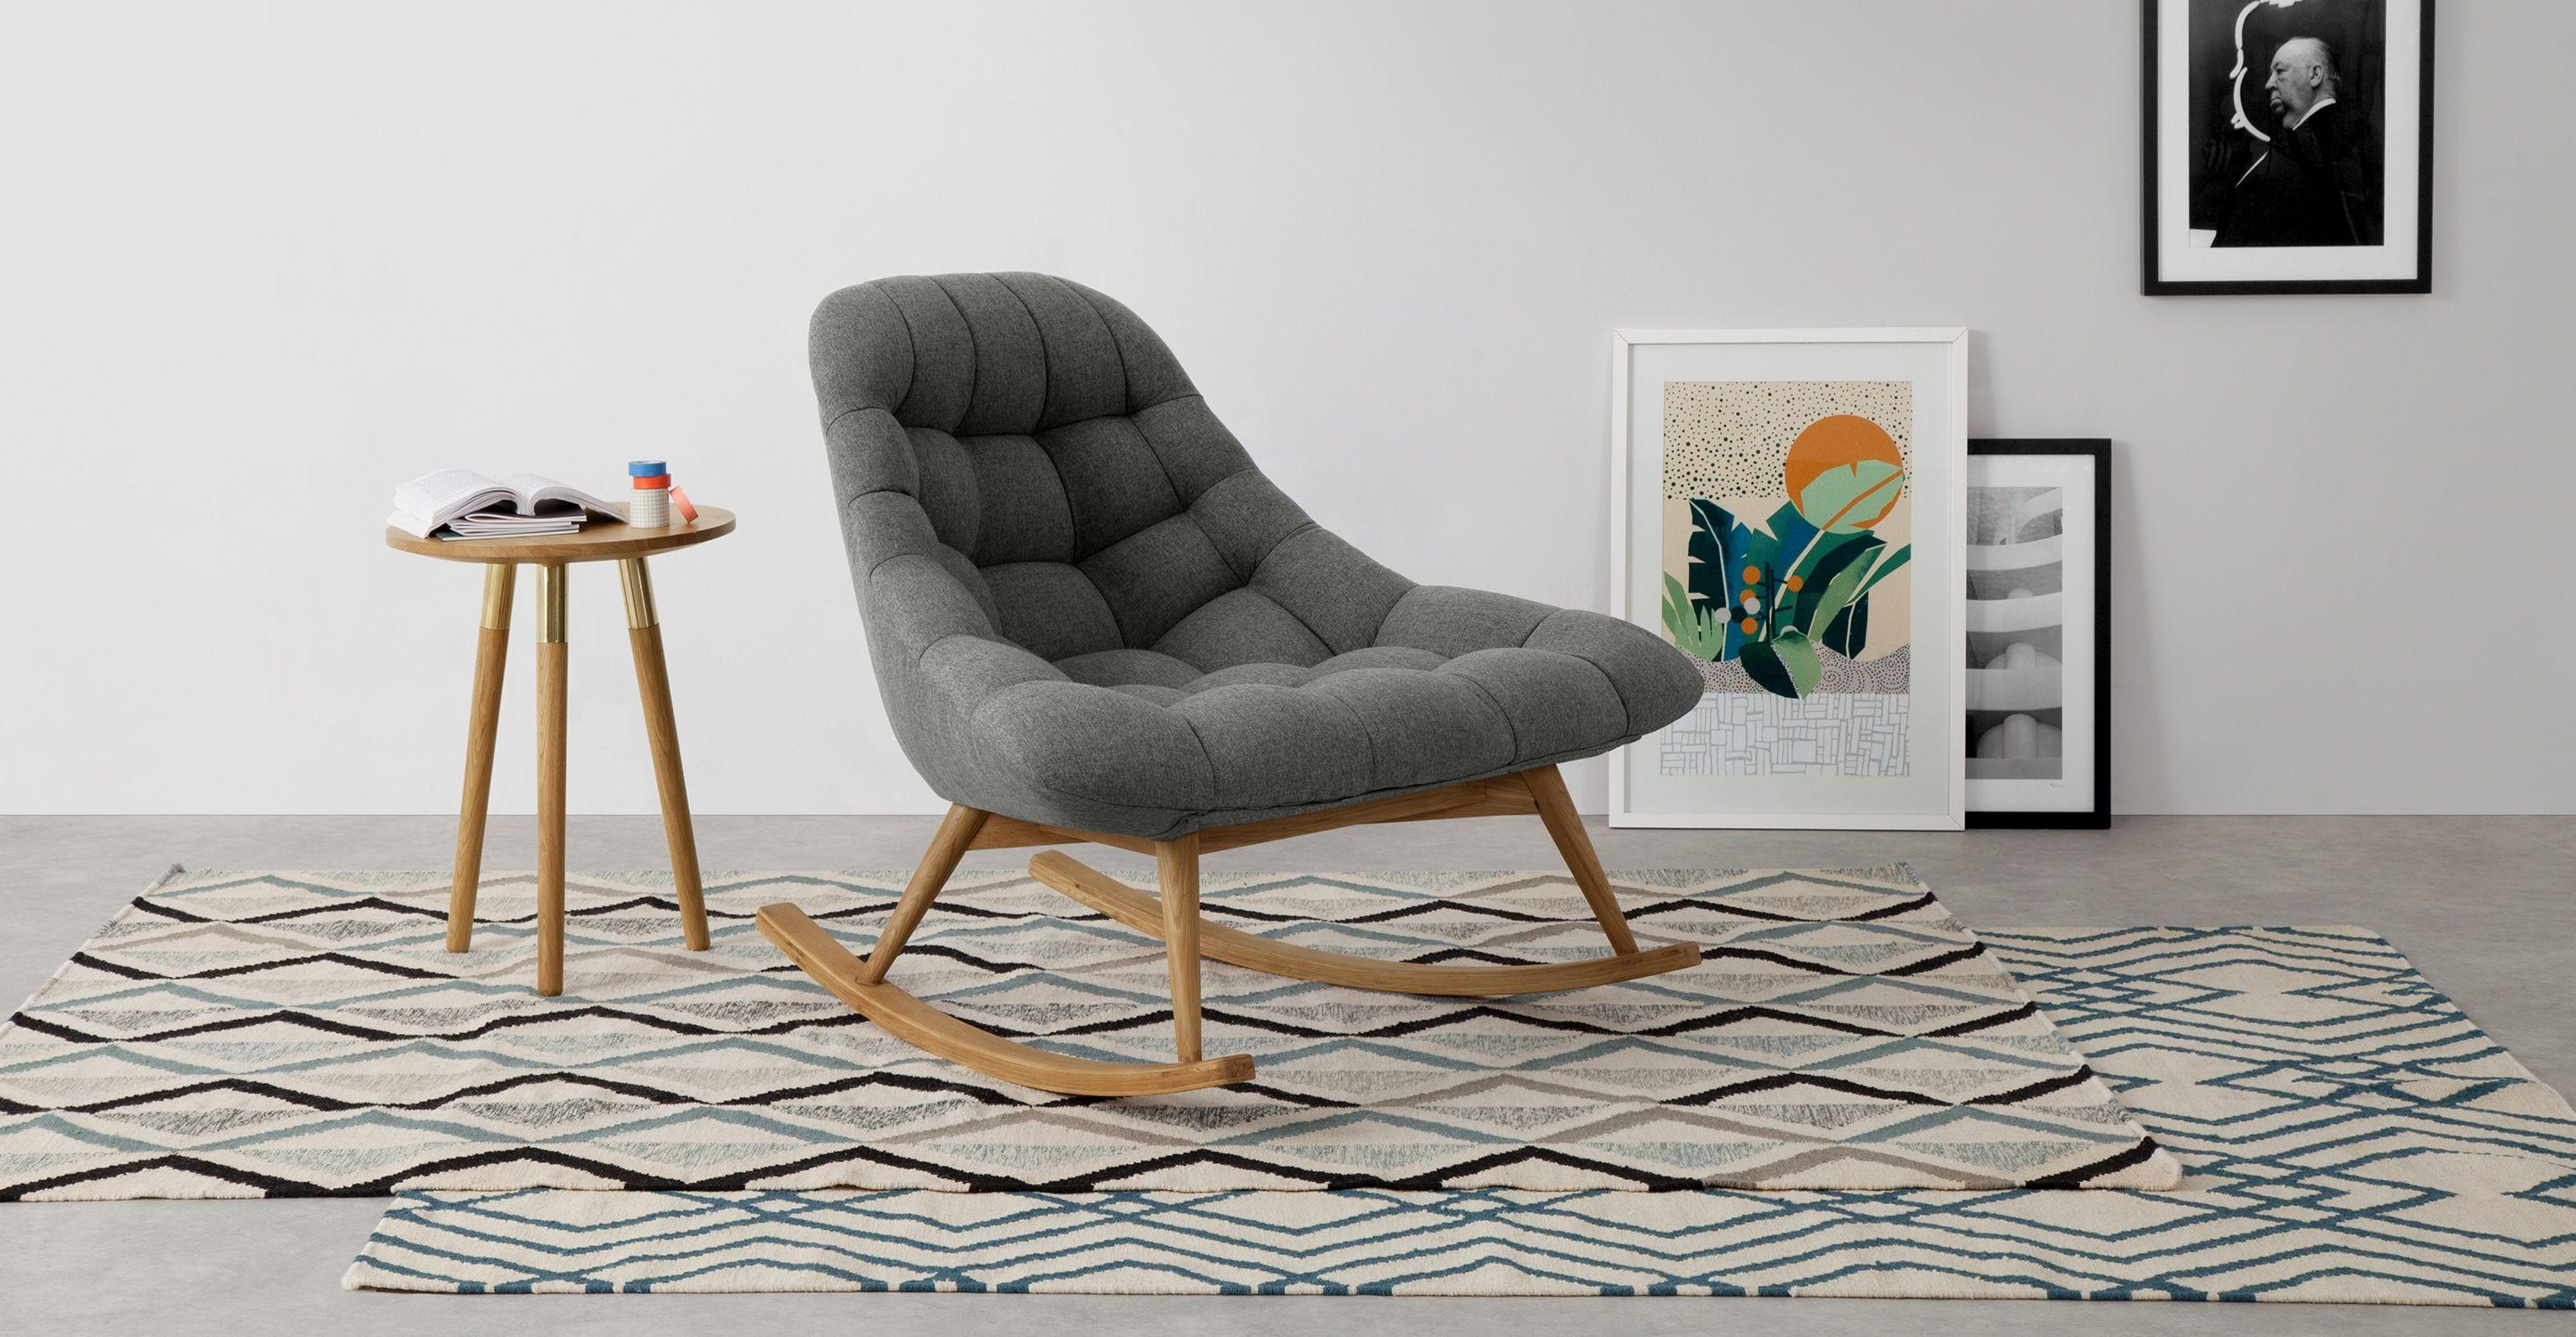 Gut Kolton Schaukelstuhl, Marlgrau ▻ Neues Design Für Dein Zuhause! Entdecke  Jetzt Sofas Und Sessel